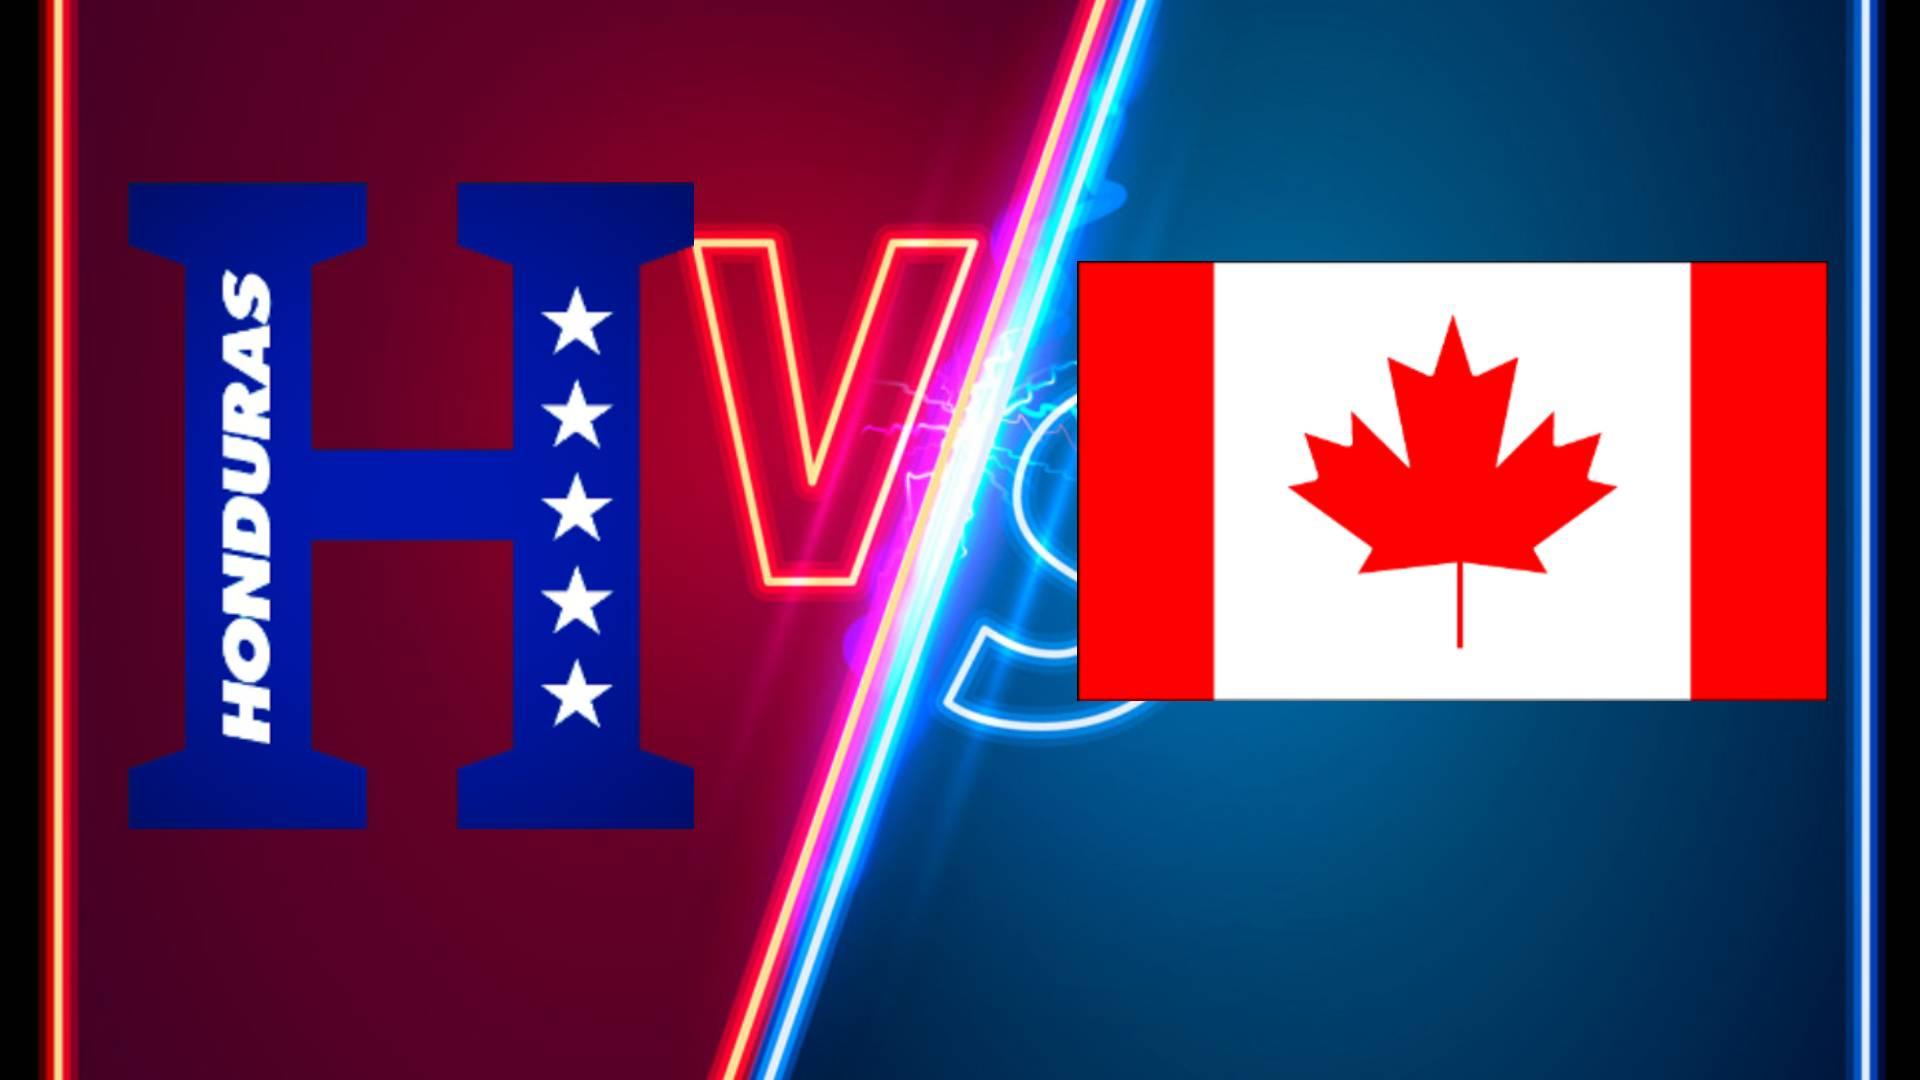 VER: Honduras vs. Canada HOY EN VIVO ONLINE: Aquí puede MIRAR, Cuándo y dónde ver los Juegos preolímpicos de la Concacaf.